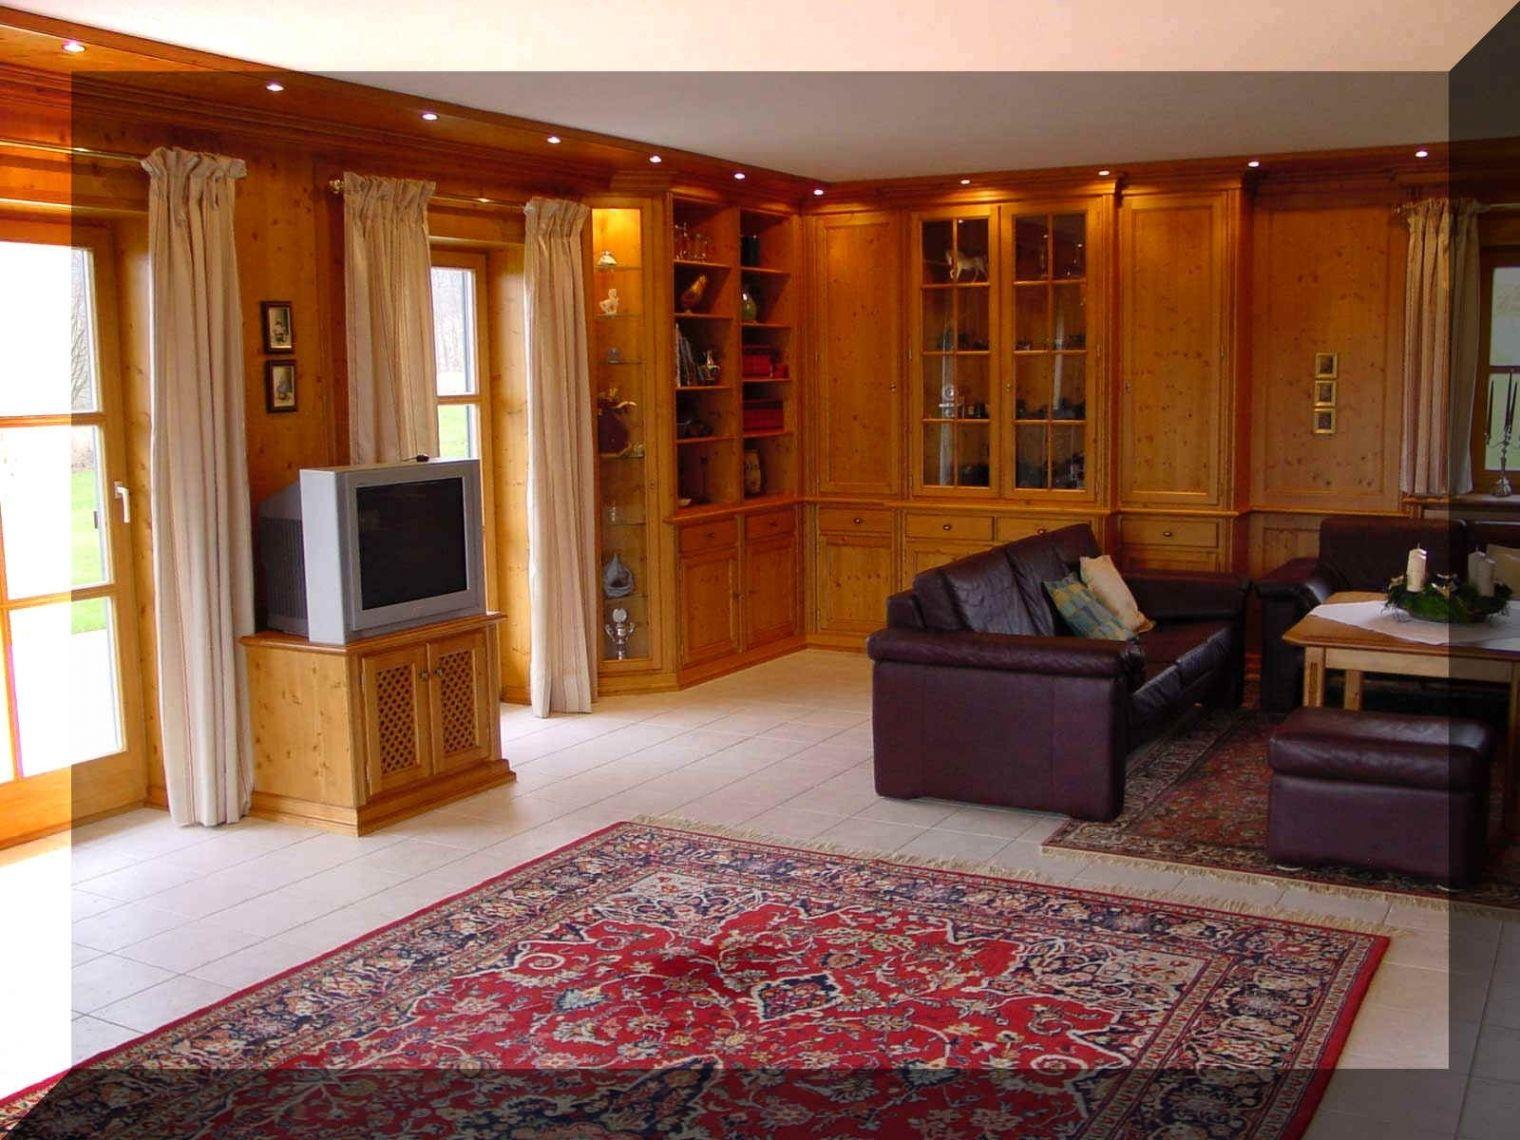 Neueste Wohnzimmer Antik Wohnzimmermobel Pinterest Wohnzimmer